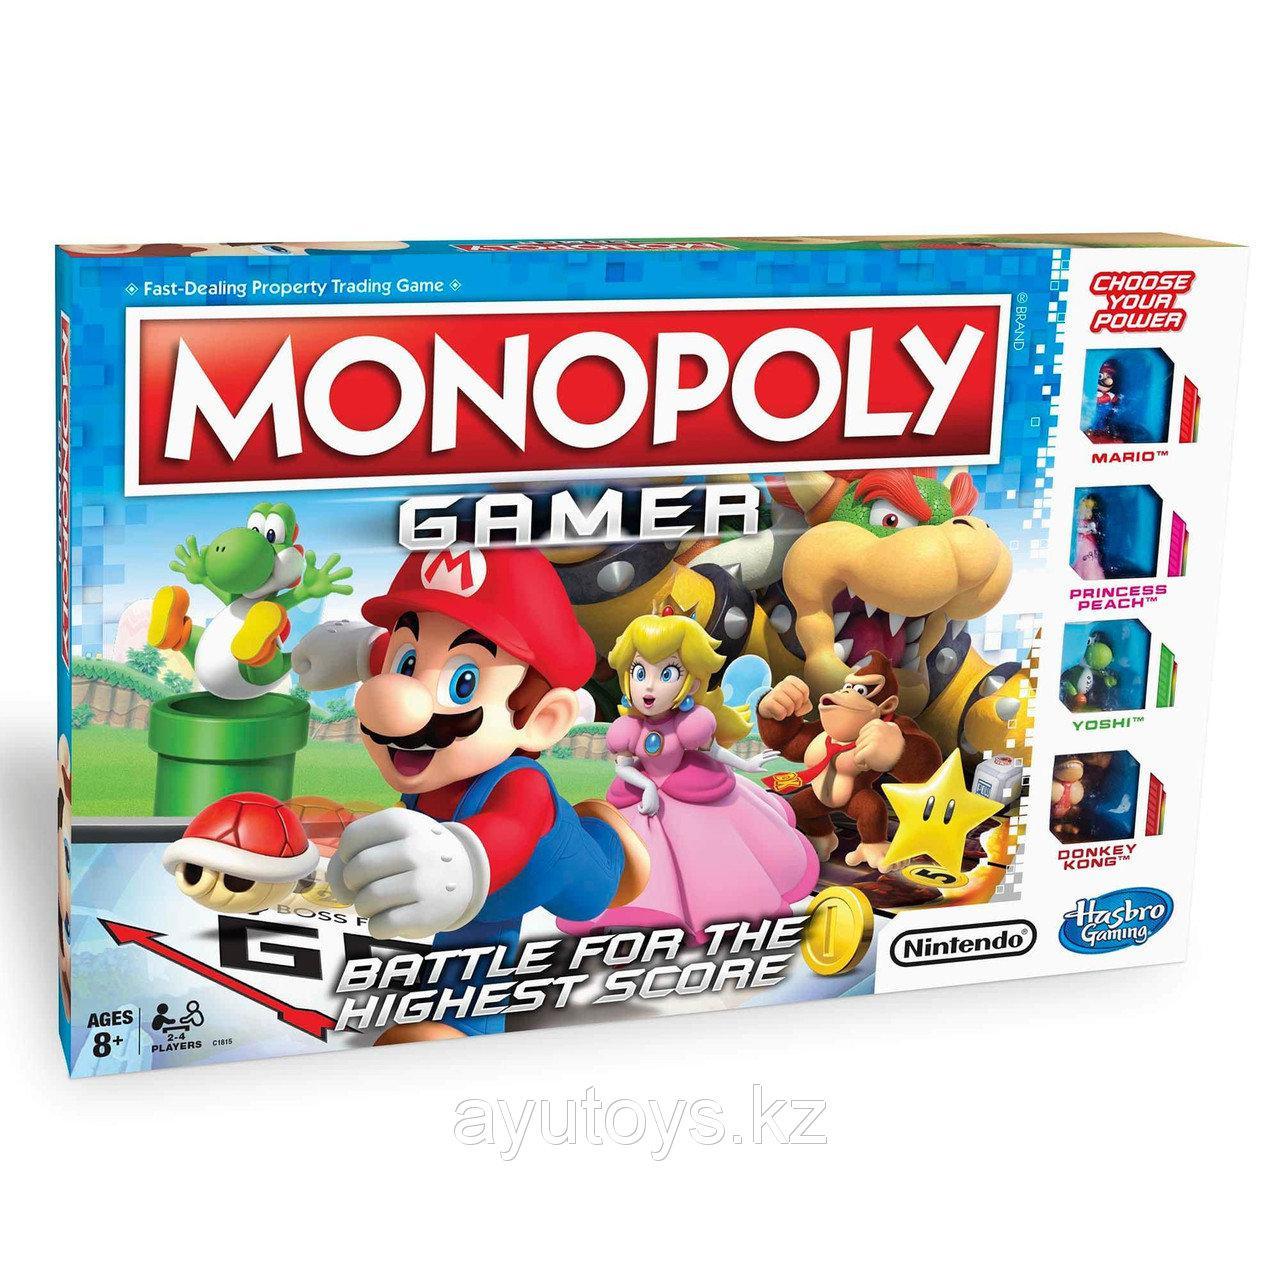 Монополия GAMER (геймер)